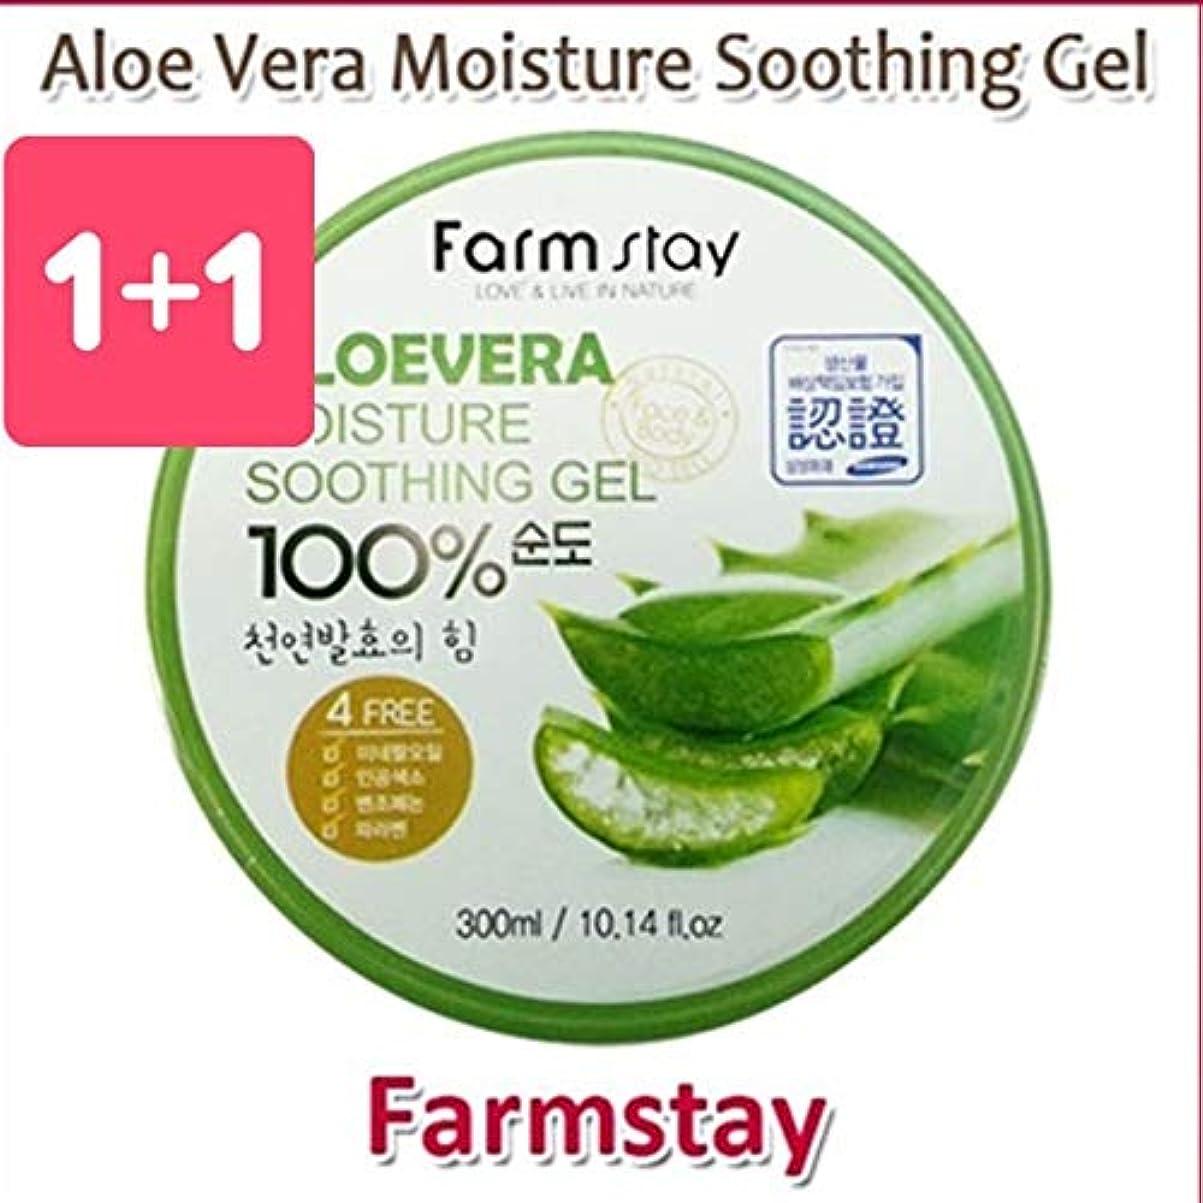 支配的貸す破壊するFarm Stay Aloe Vera Moisture Soothing Gel 300ml 1+1 Big Sale/オーガニック アロエベラゲル 100%/保湿ケア/韓国コスメ/Aloe Vera 100% /Moisturizing [並行輸入品]